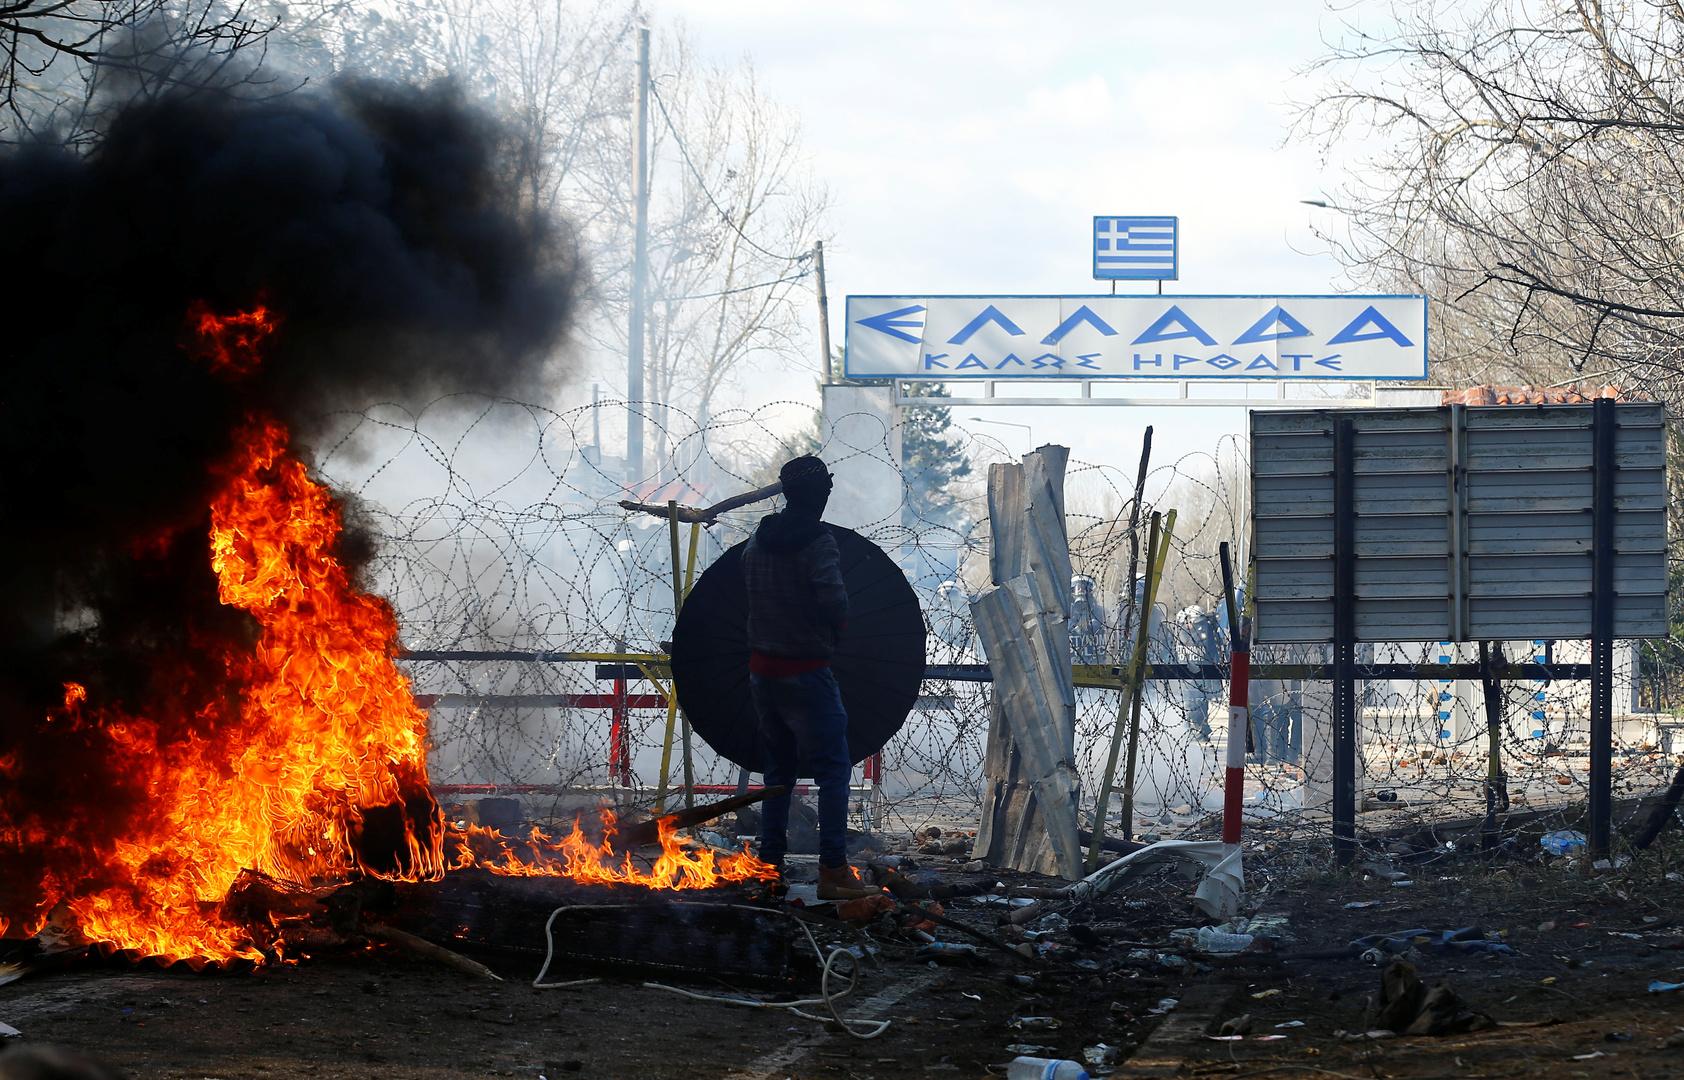 اشتباكات بين الشرطة واللاجئين القادمين من تركيا عند حدود اليونان